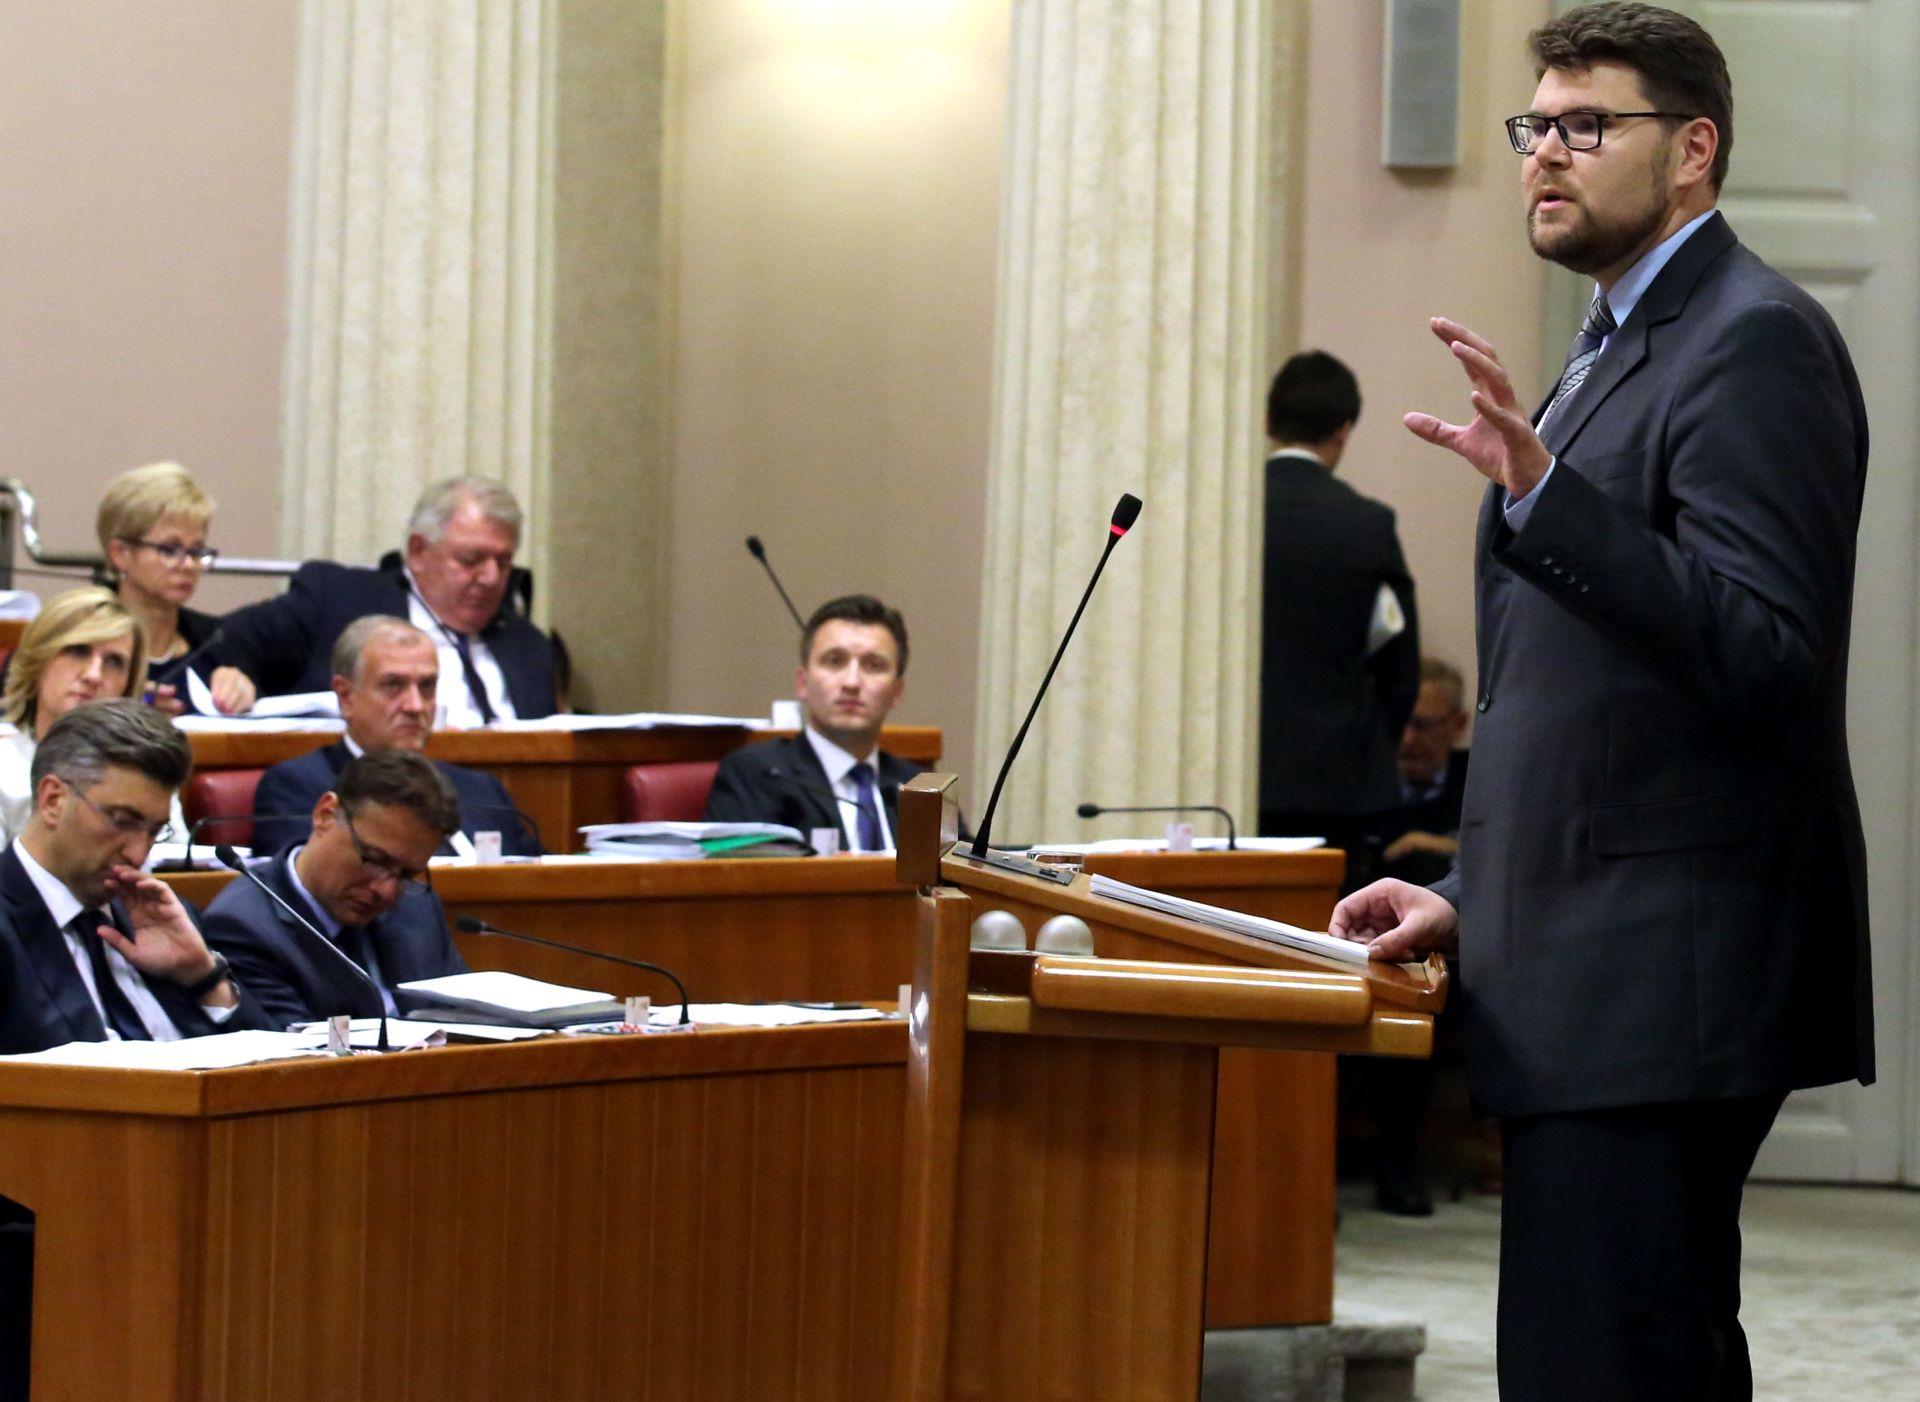 Sabor ograničio pravo na naknadu plaće dužnosnika po isteku mandata